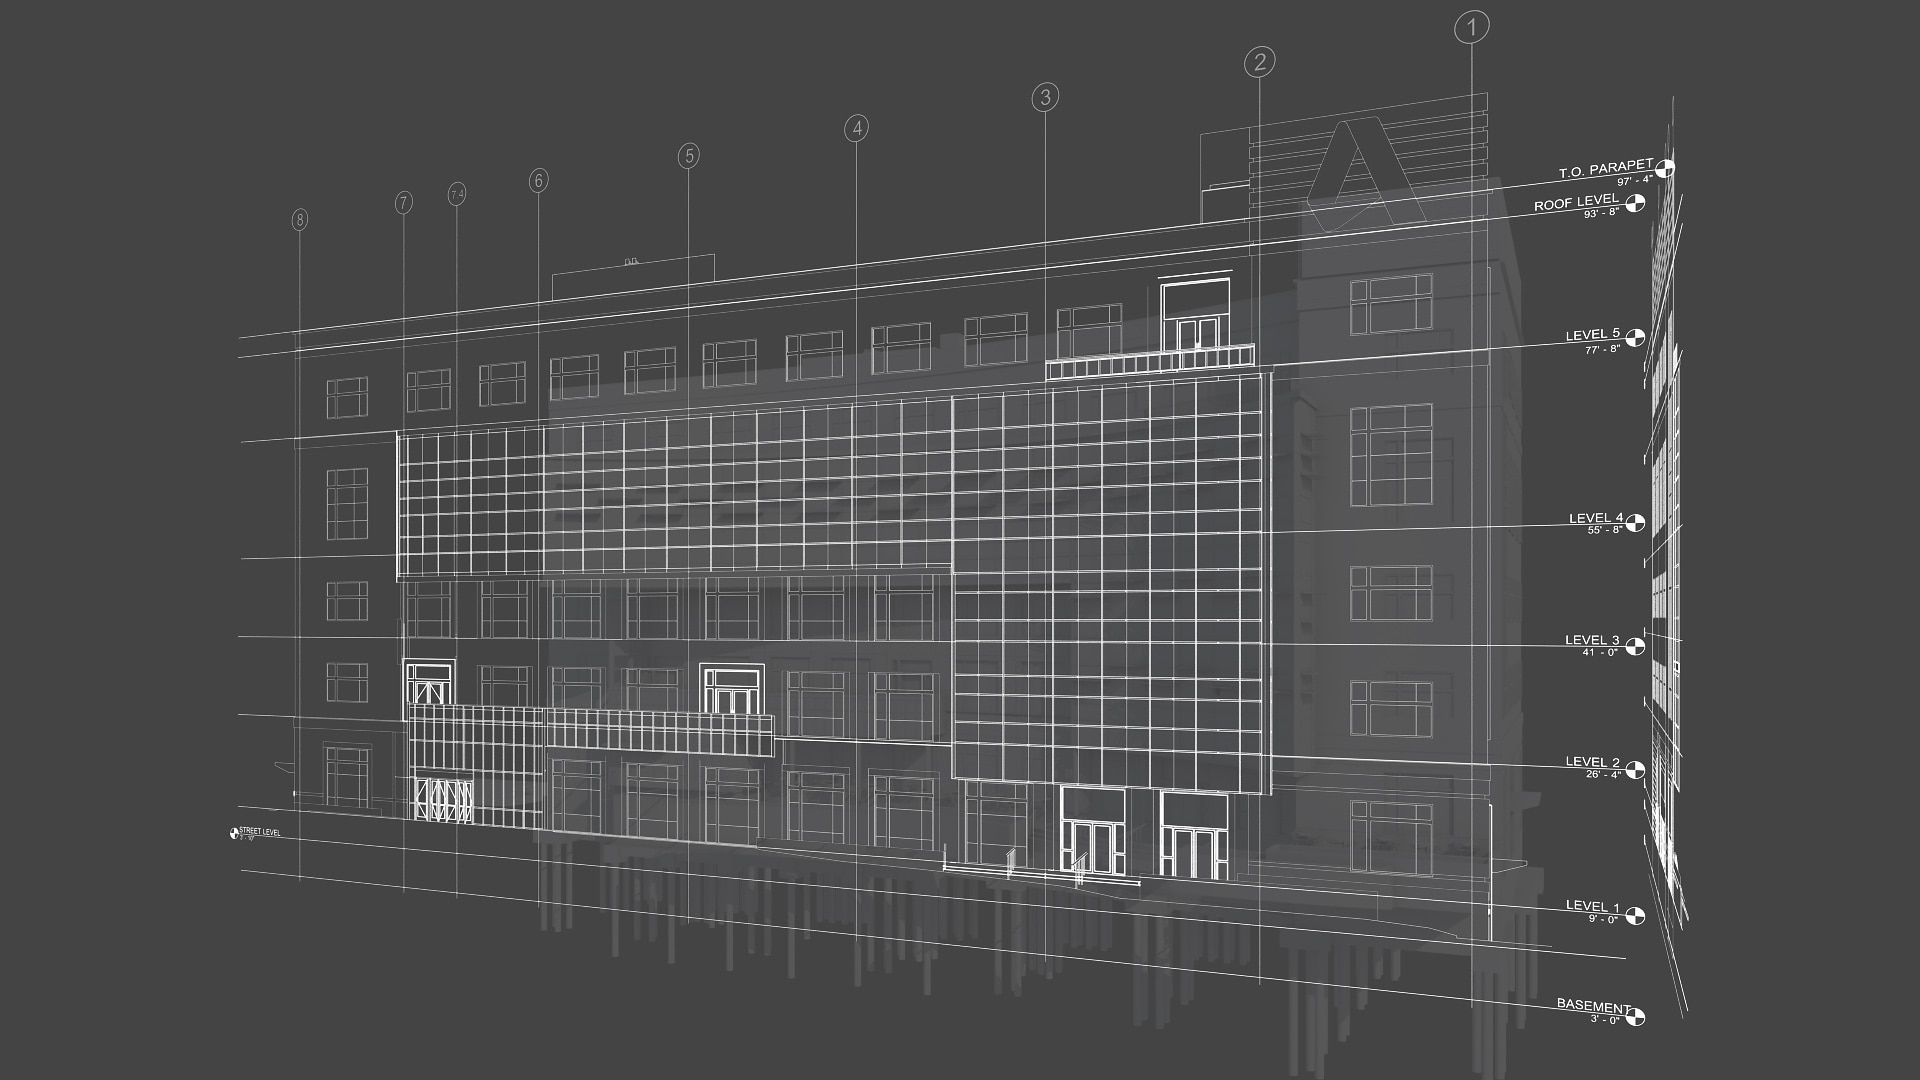 Engineering Floor Plan Revit Bim Software Autodesk